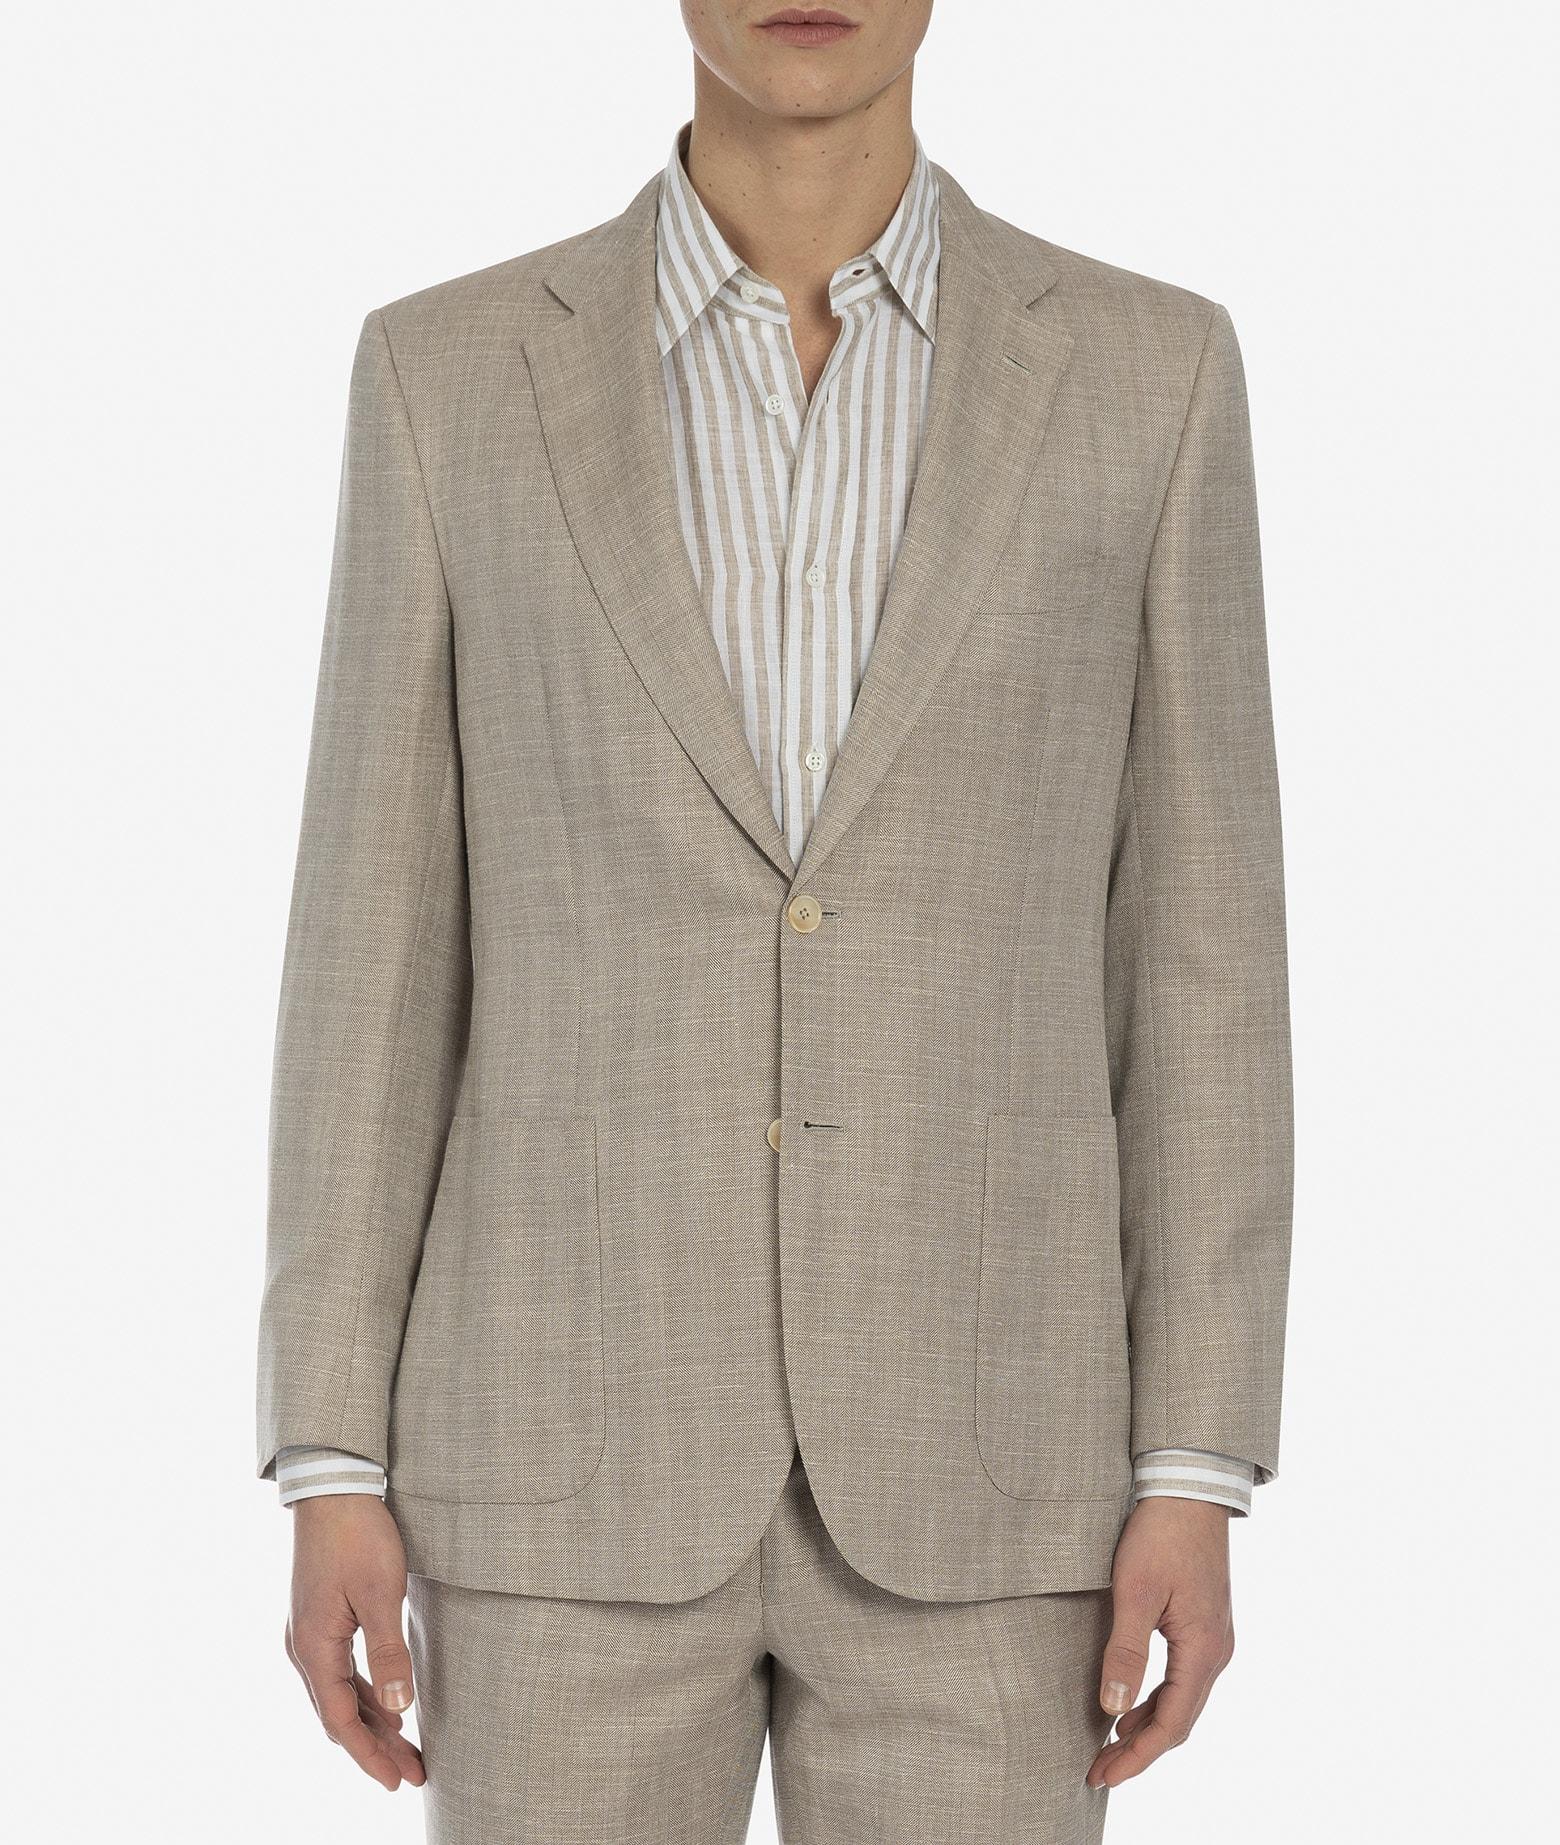 havana Suit